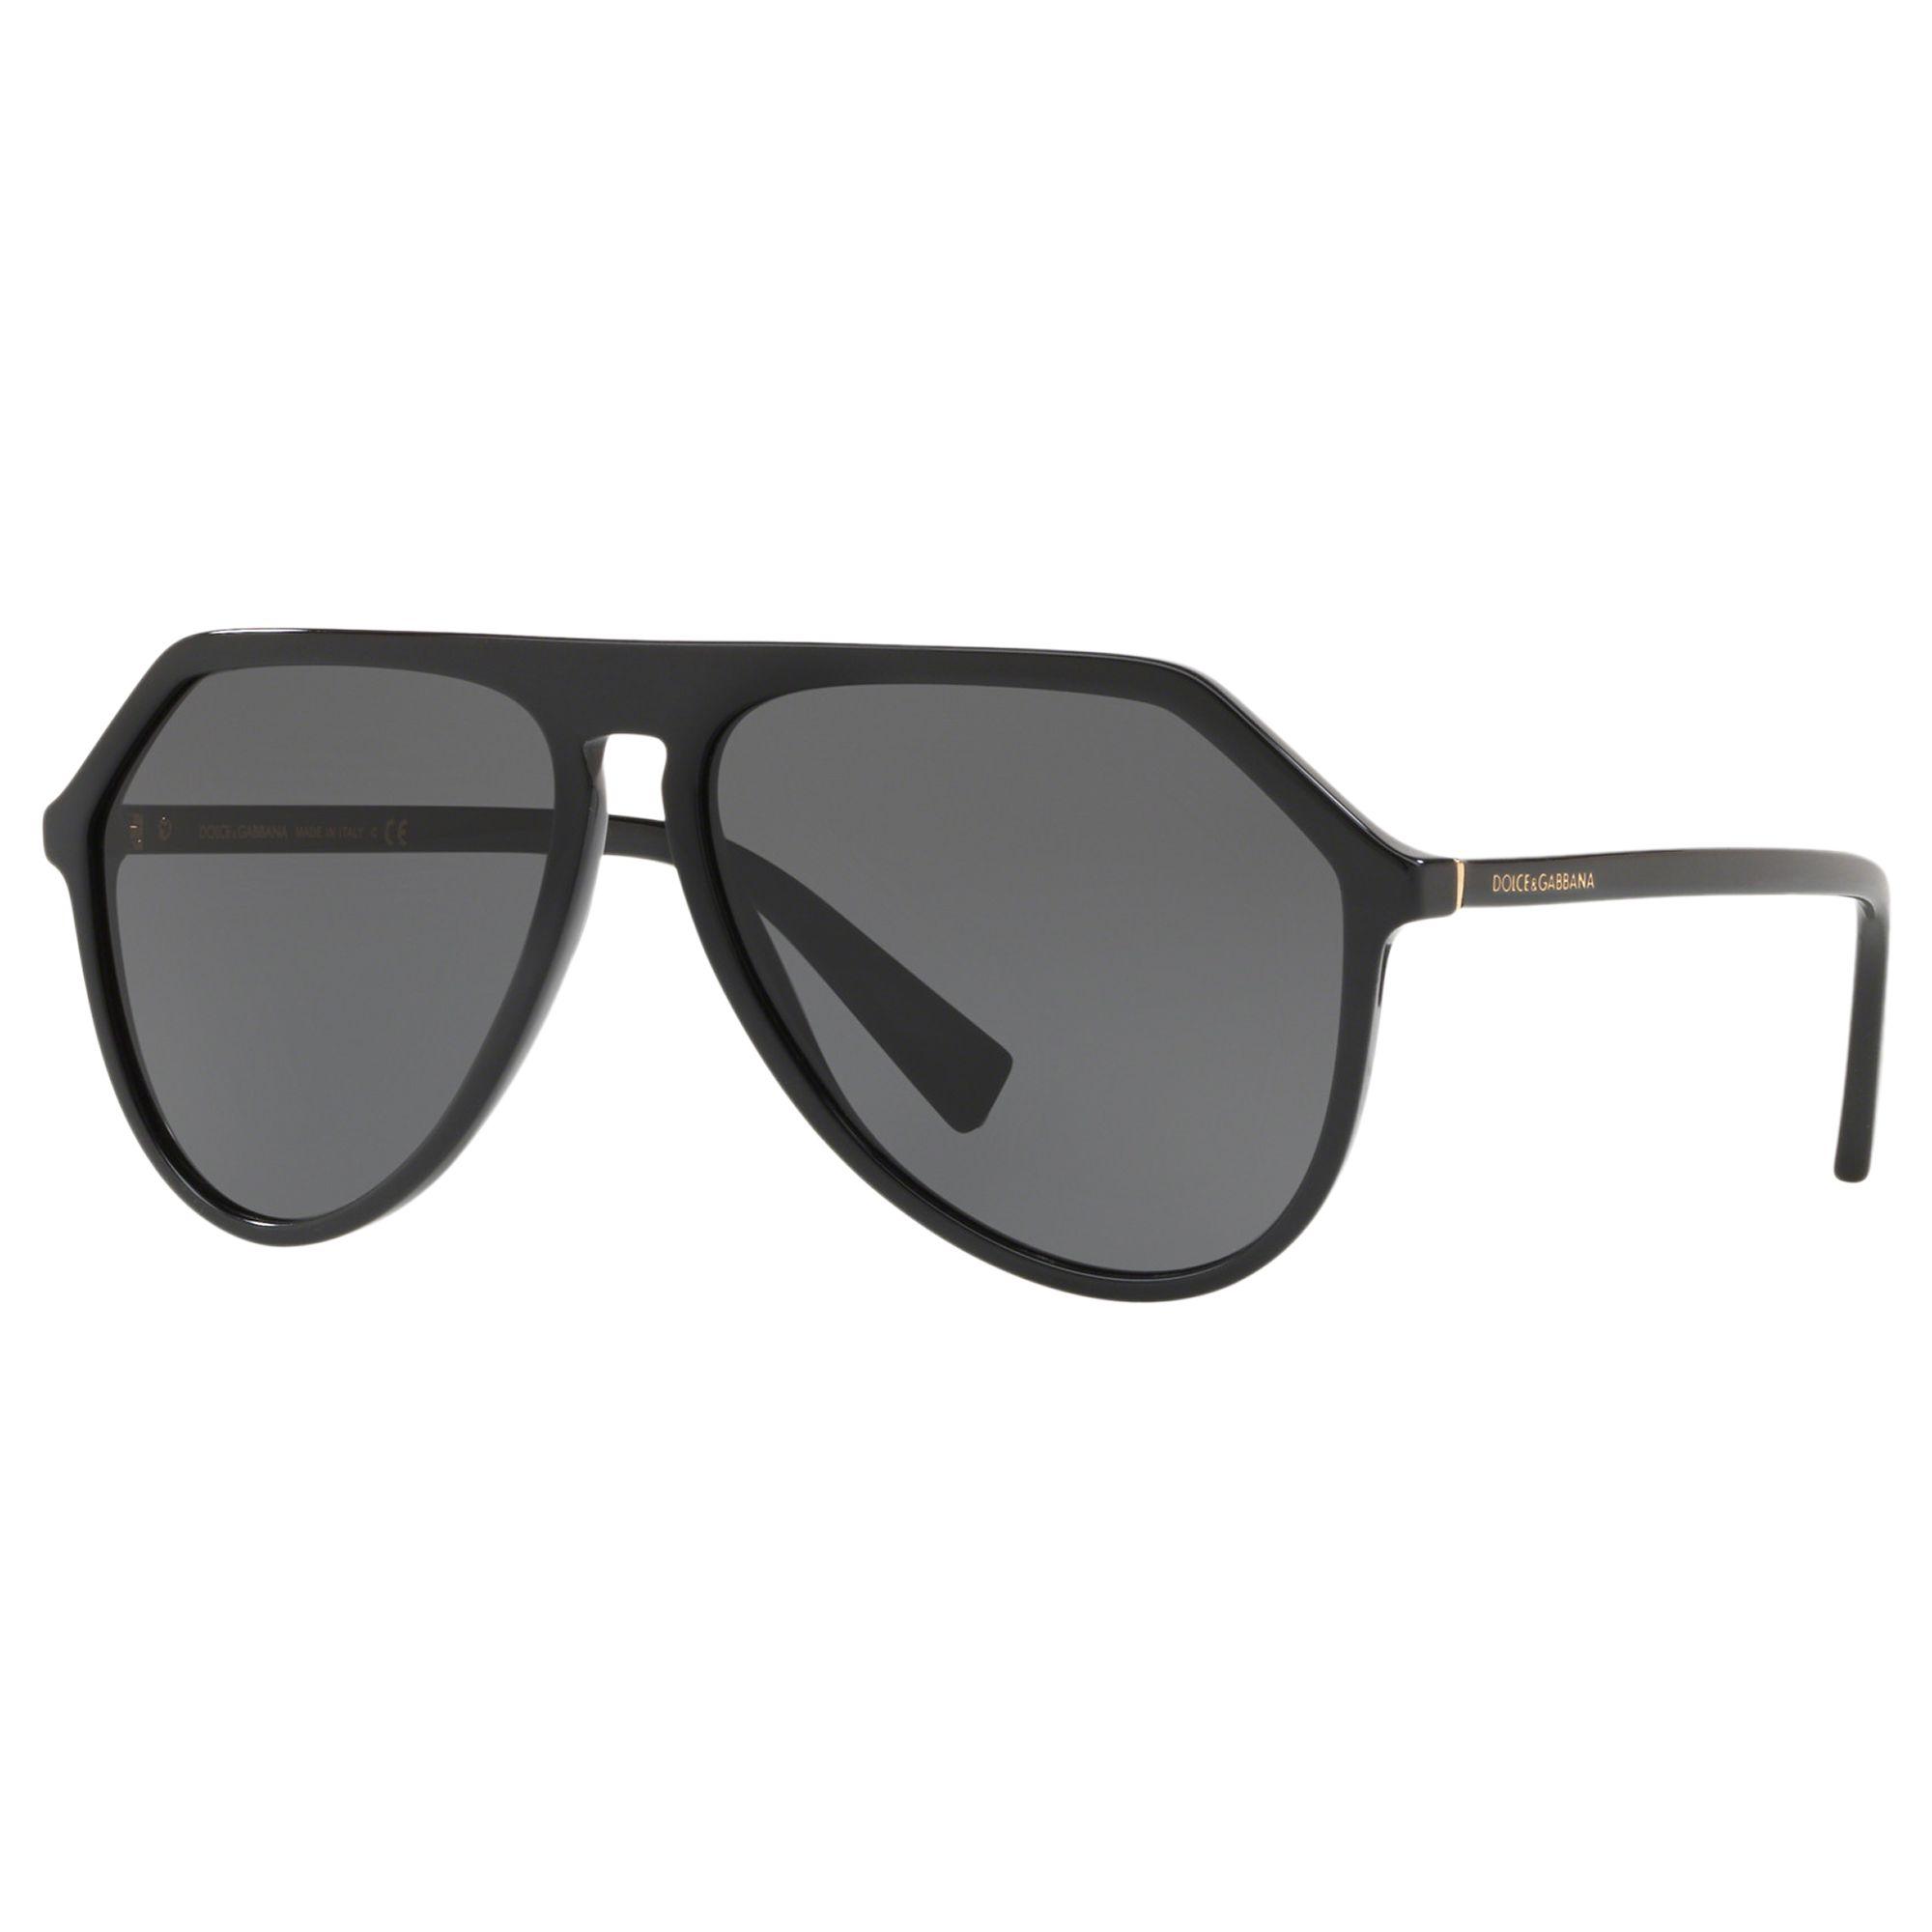 Dolce & Gabbana Dolce & Gabbana DG4341 Women's Aviator Sunglasses, Black/Grey